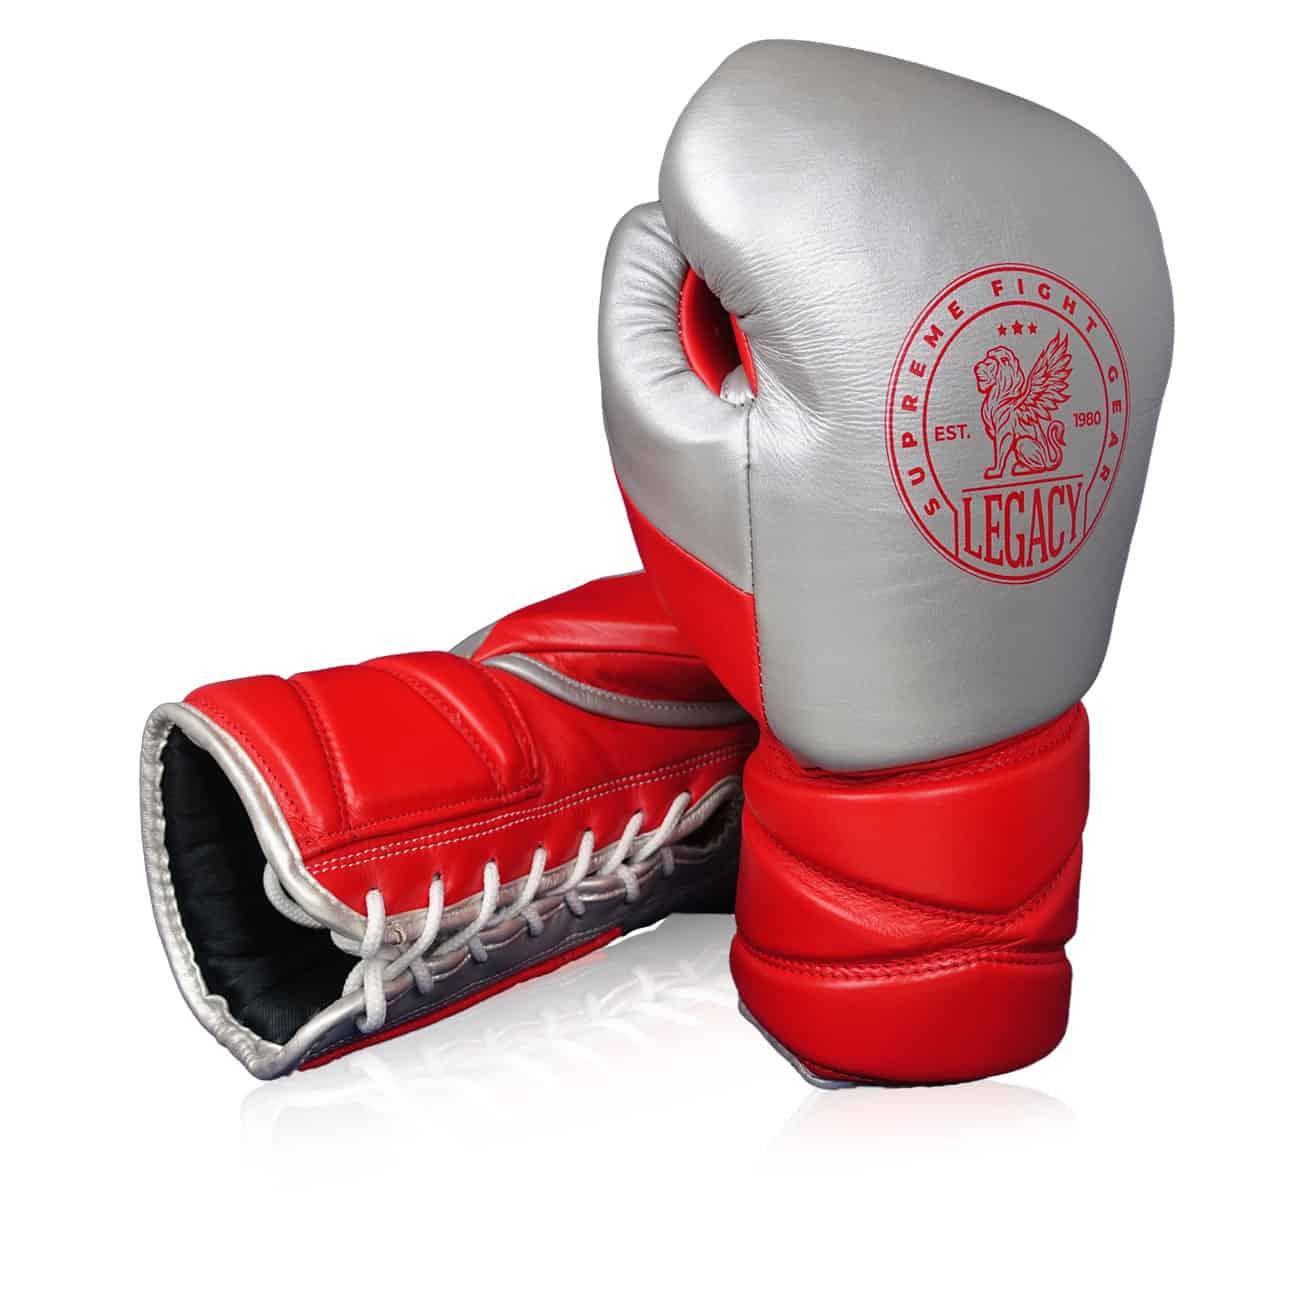 Boxninghandskar för sparring med snörning.